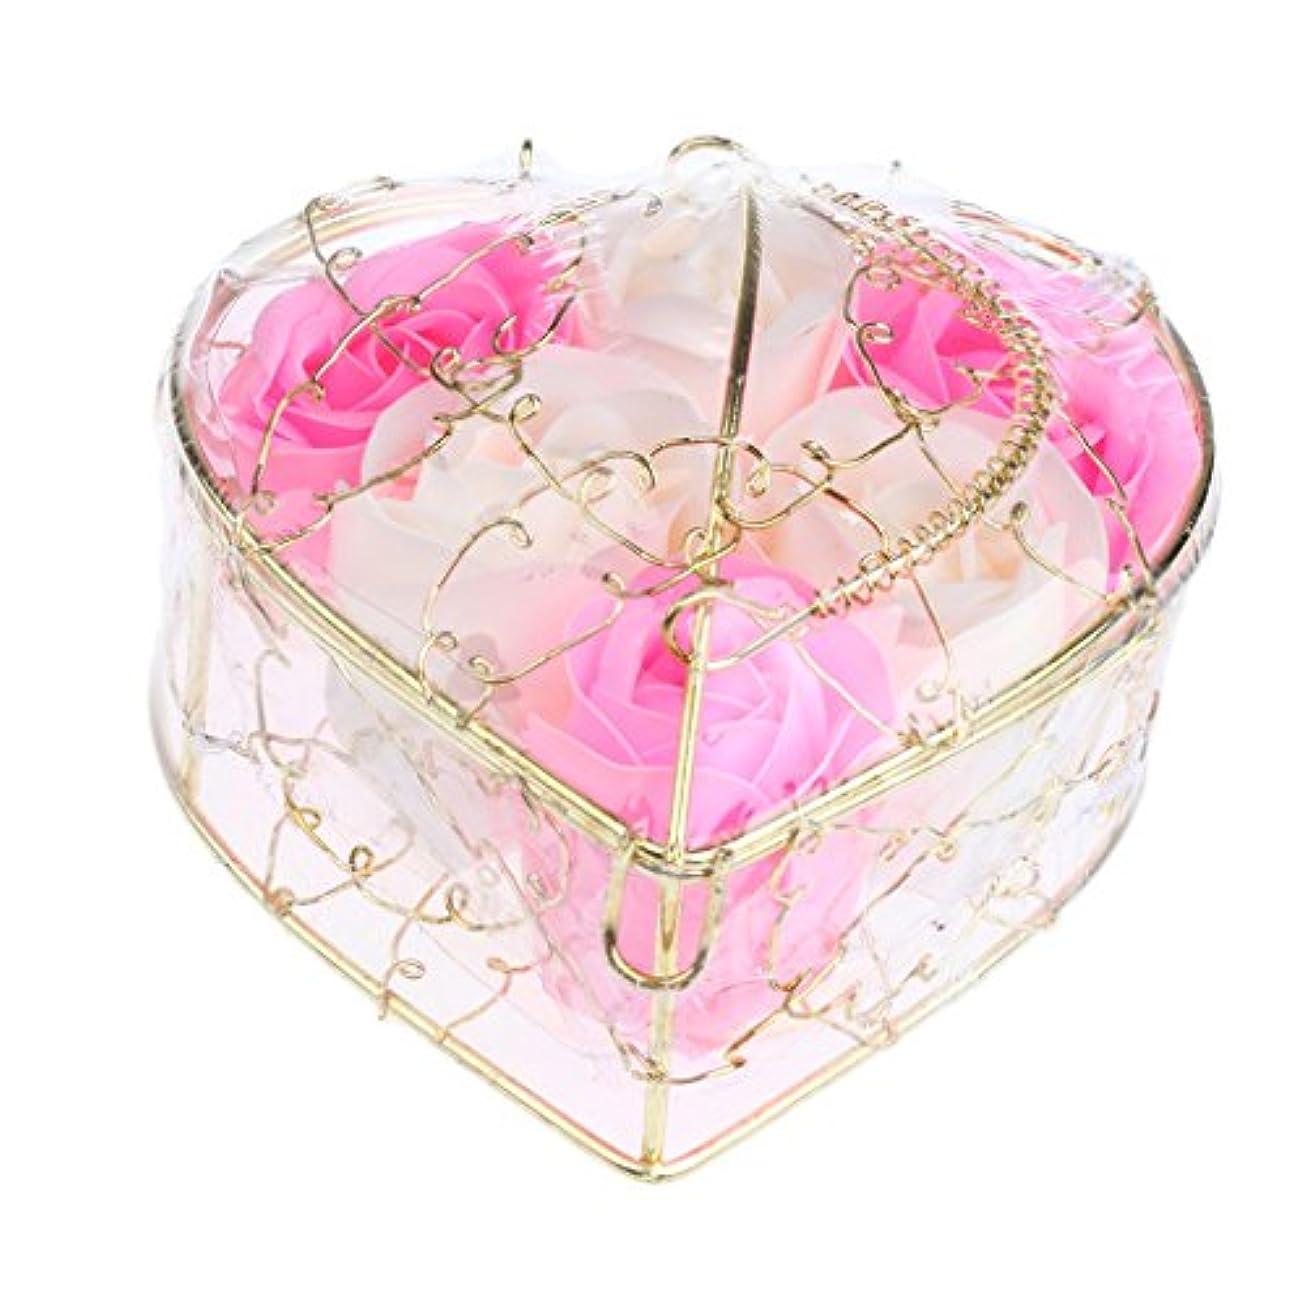 キッチンパン屋ブラストIPOTCH 6個 ソープフラワー 石鹸花 造花 バラ フラワー ギフトボックス 誕生日 母の日 記念日 先生の日 プレゼント 全5仕様選べる - ピンクとホワイト